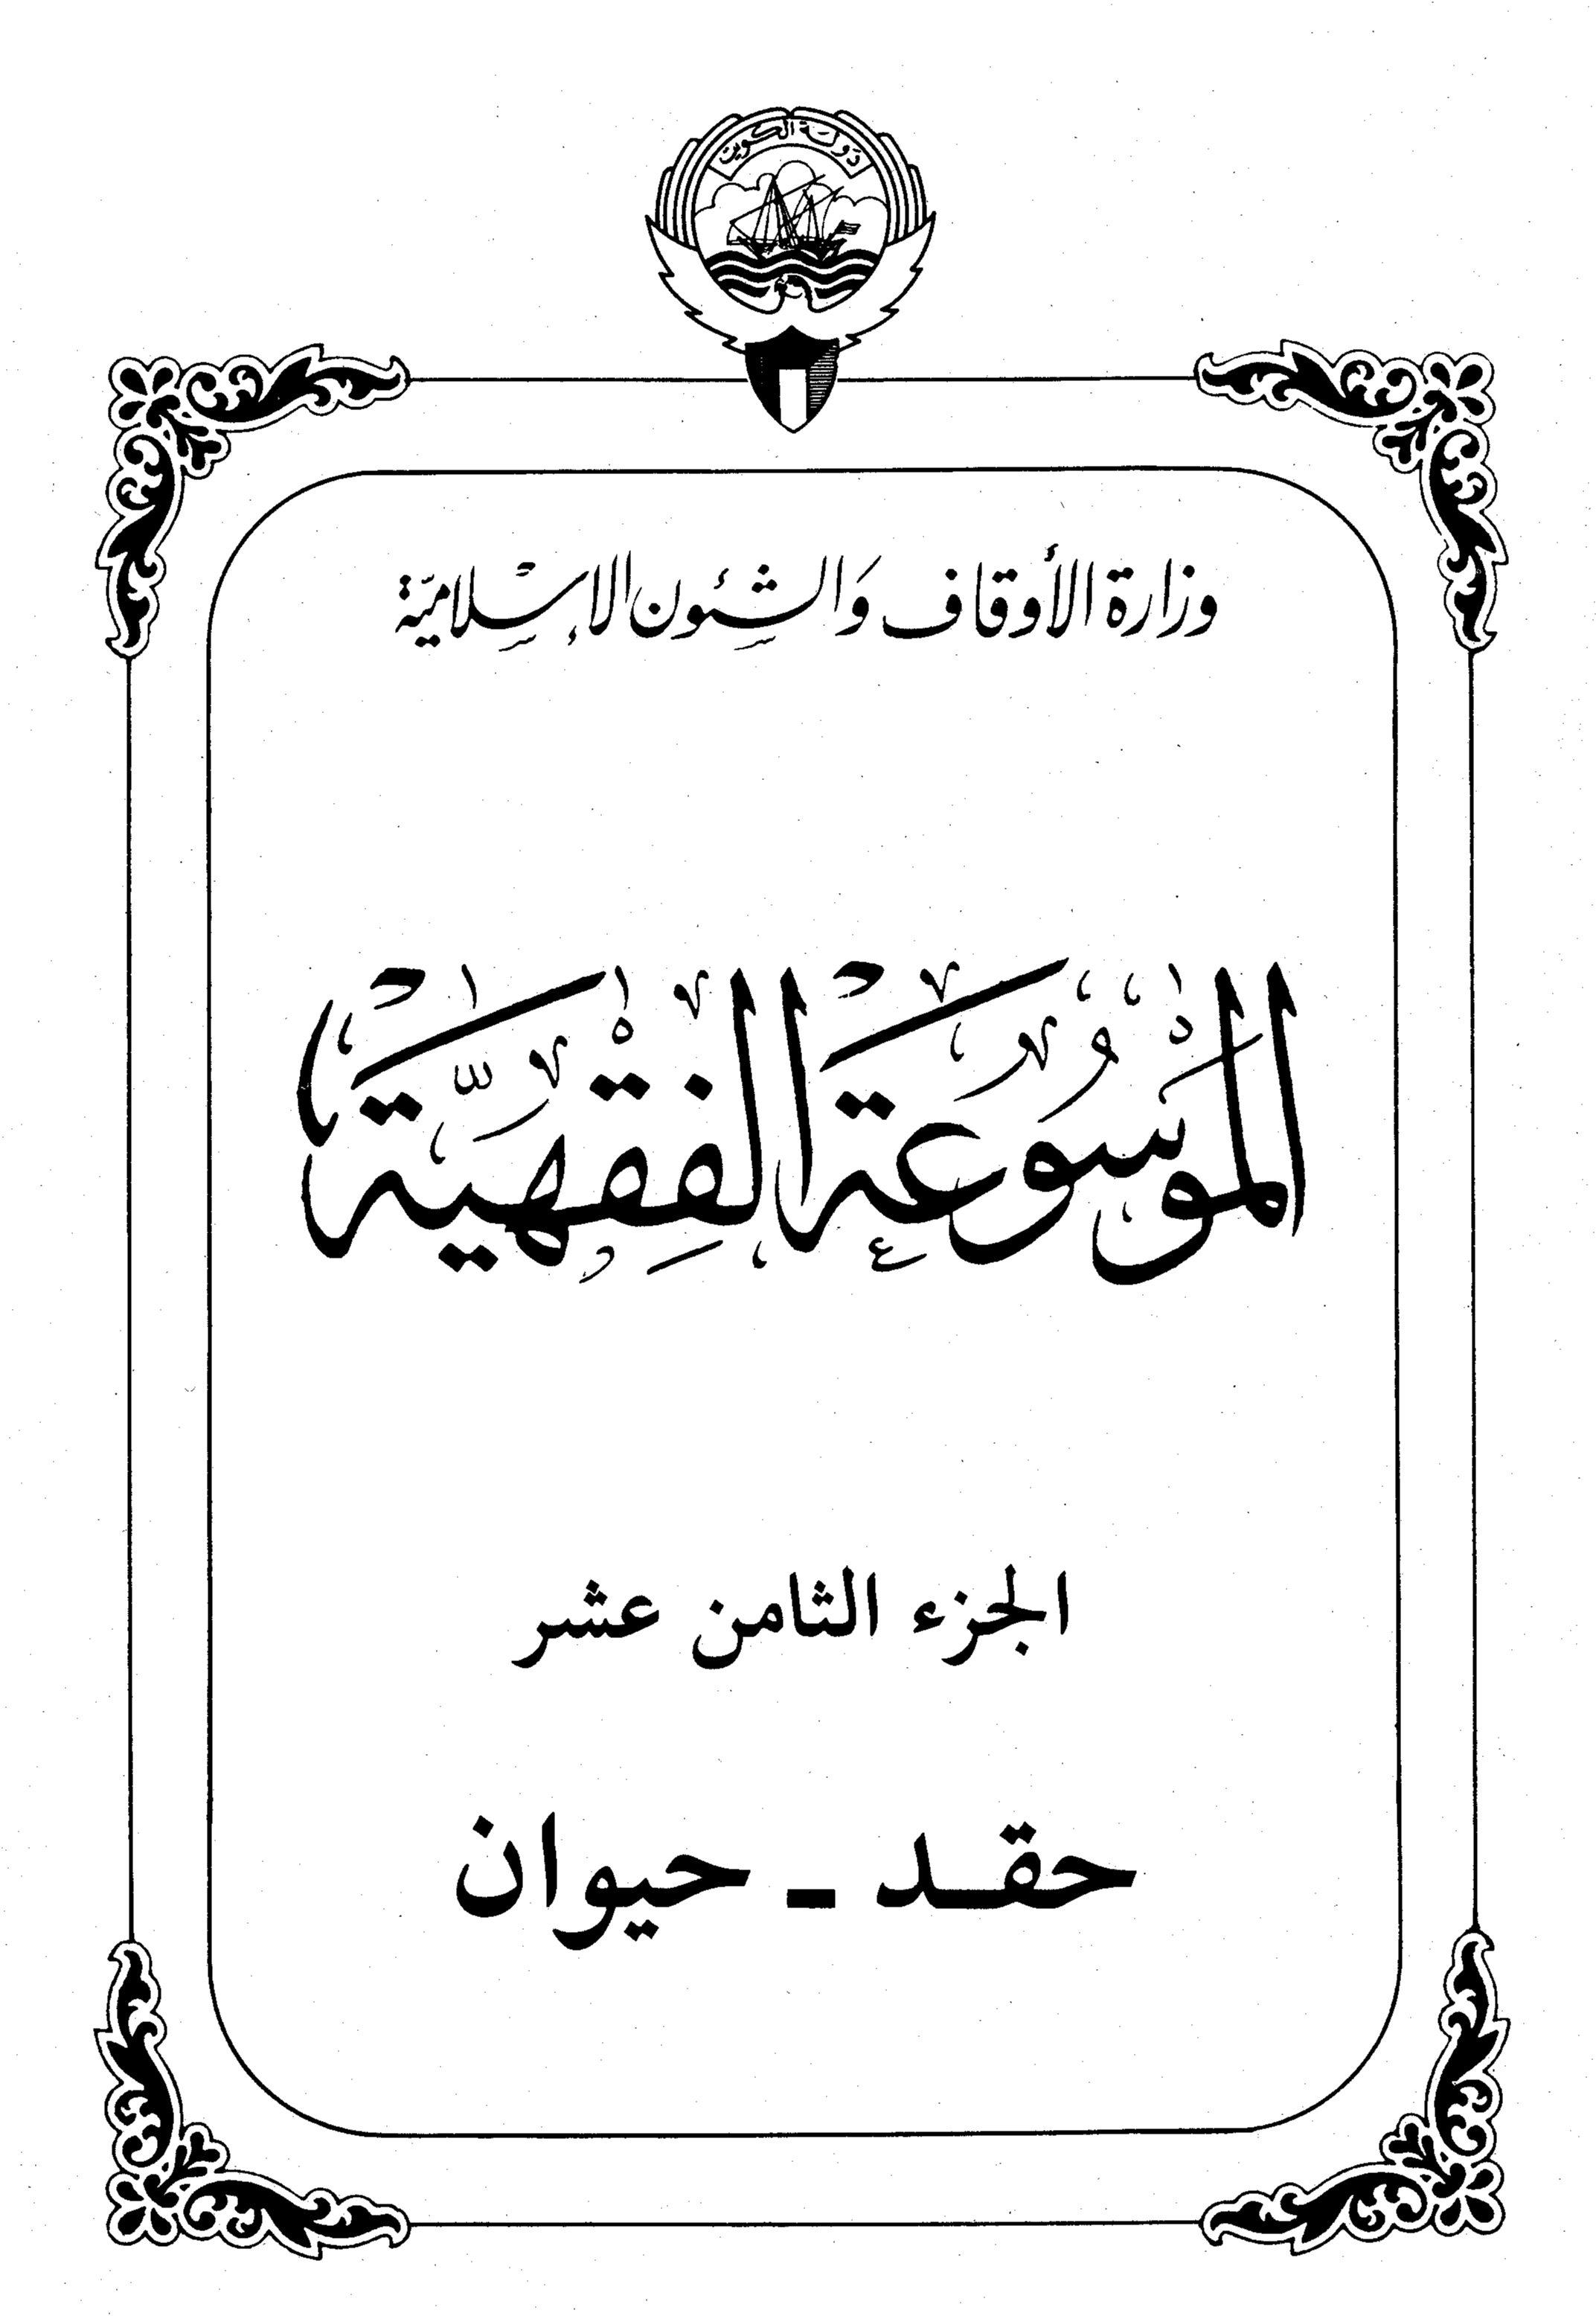 الموسوعة الفقهية الكويتية الجزء الثامن عشر(حقد - حيوان)